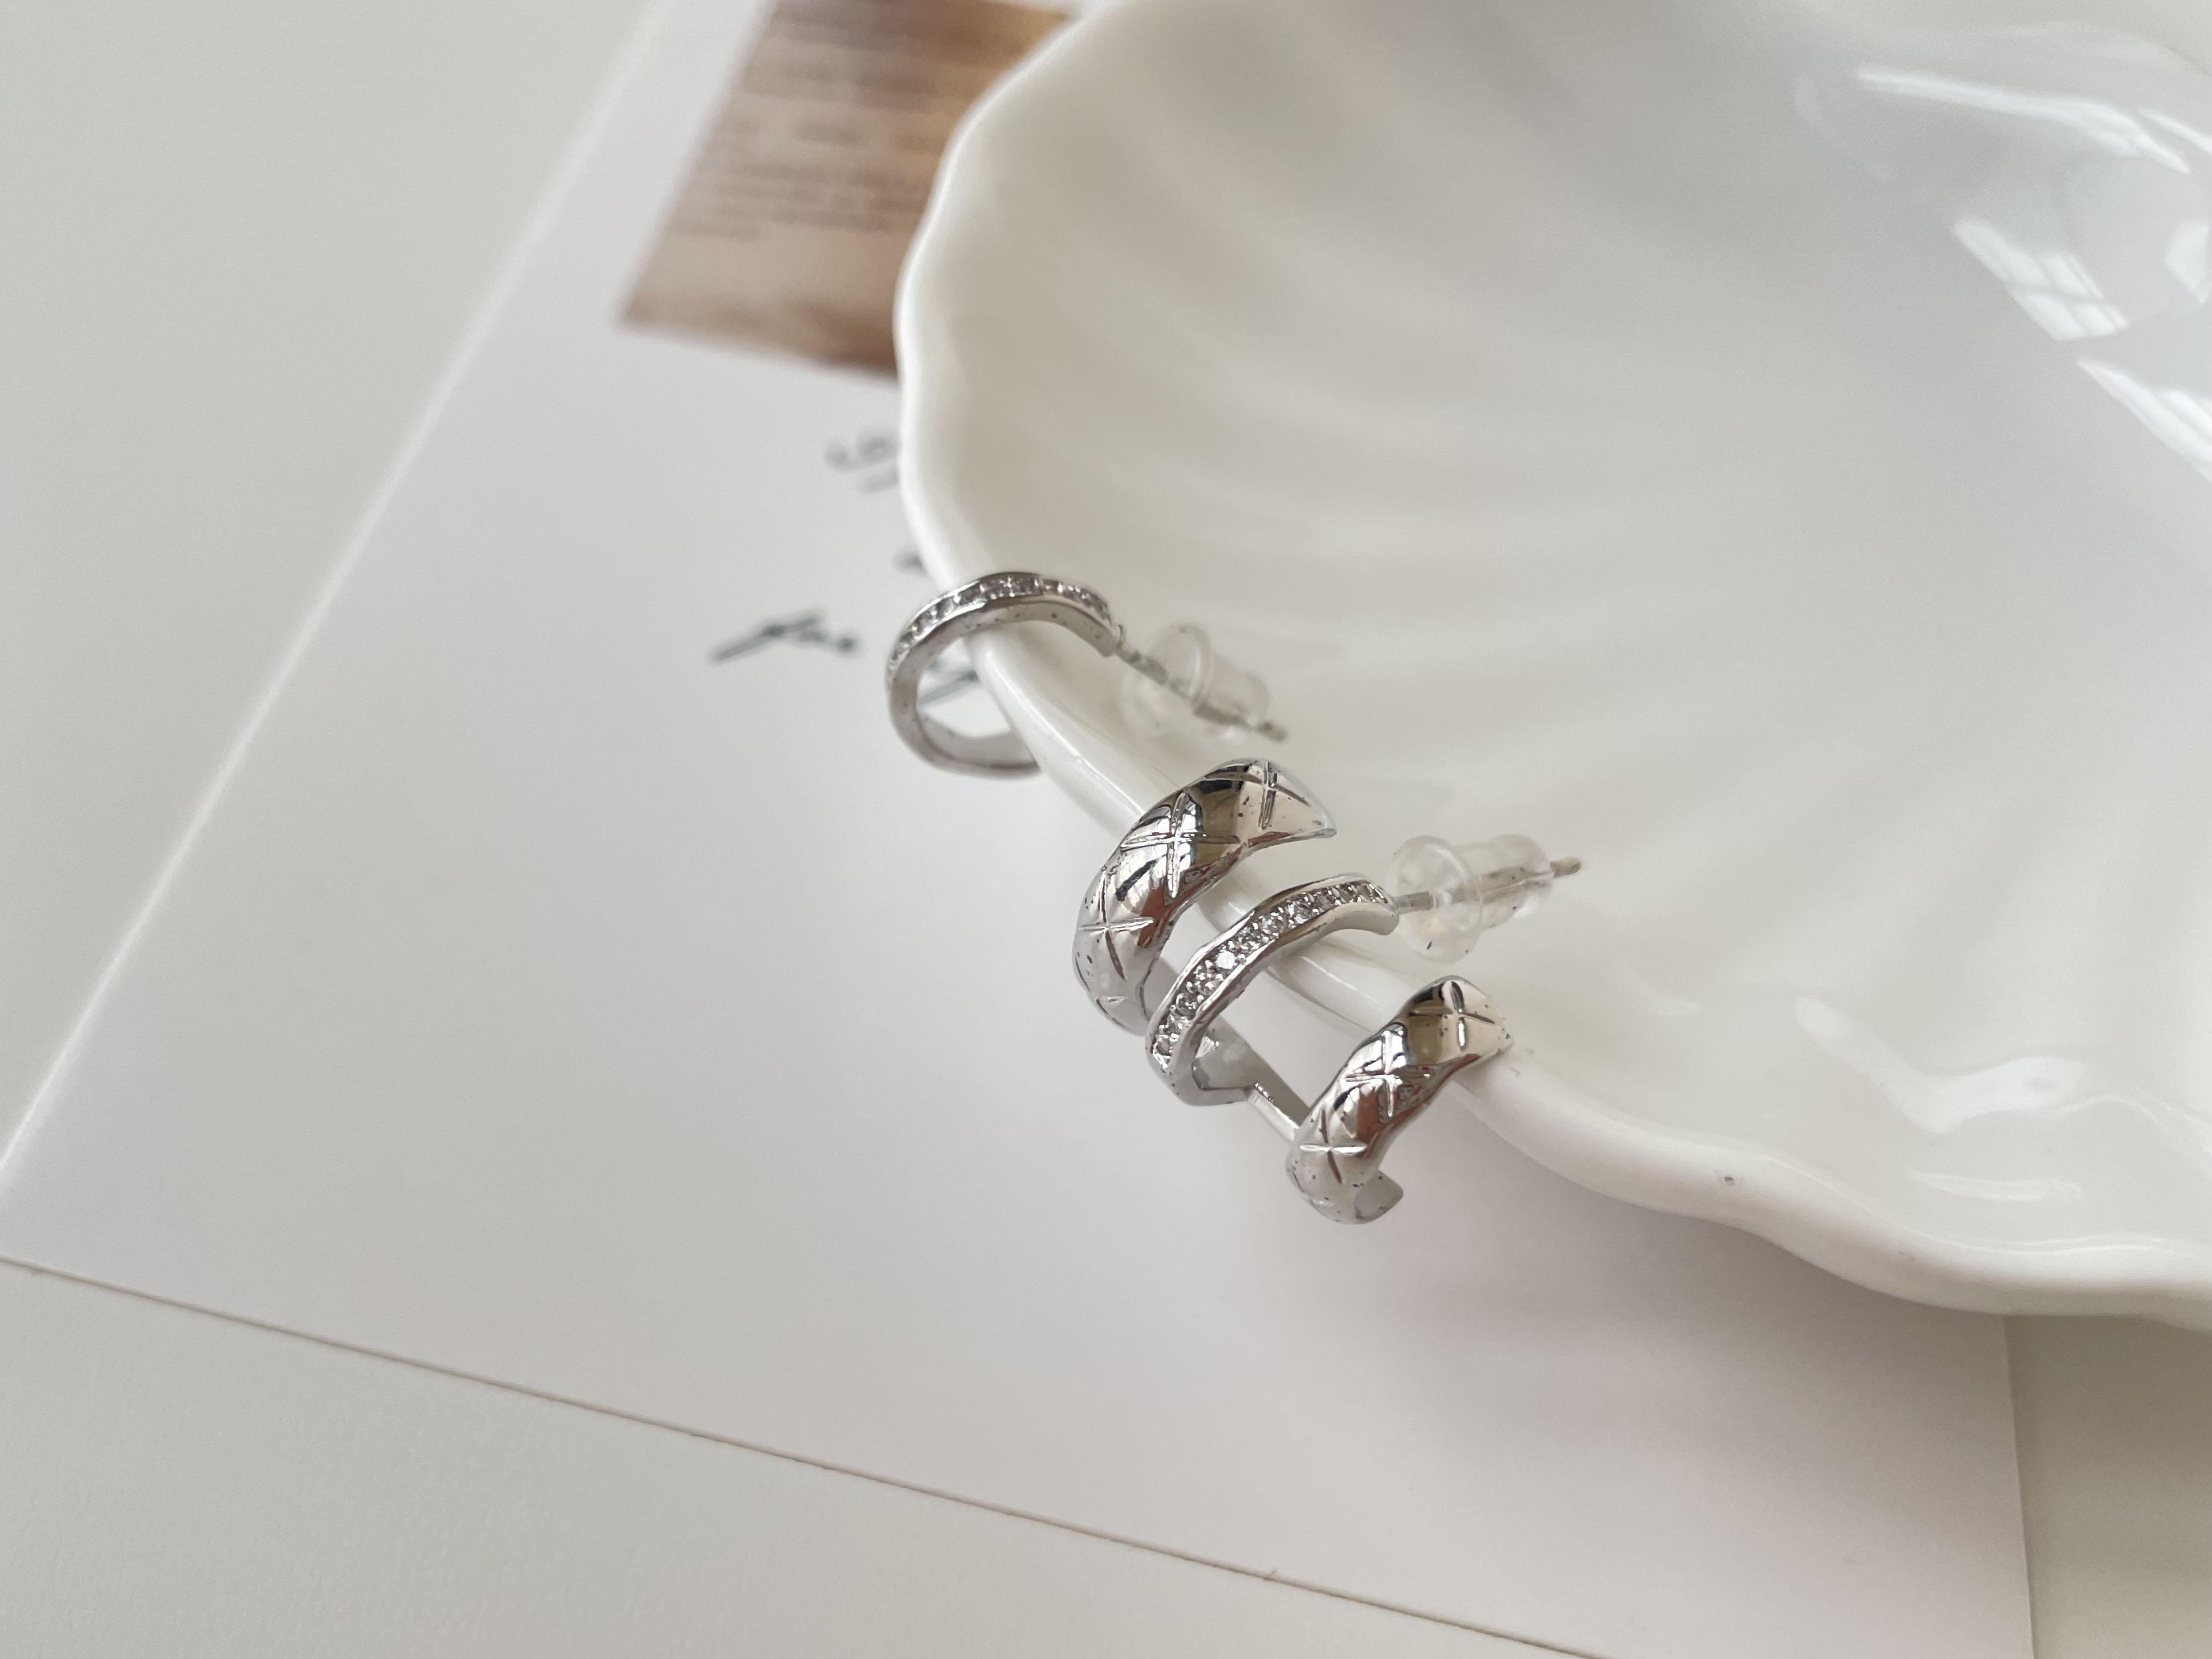 針式耳環 - 不對稱多圈耳環 - 飾品調色盤 | 迪希雅 deesir